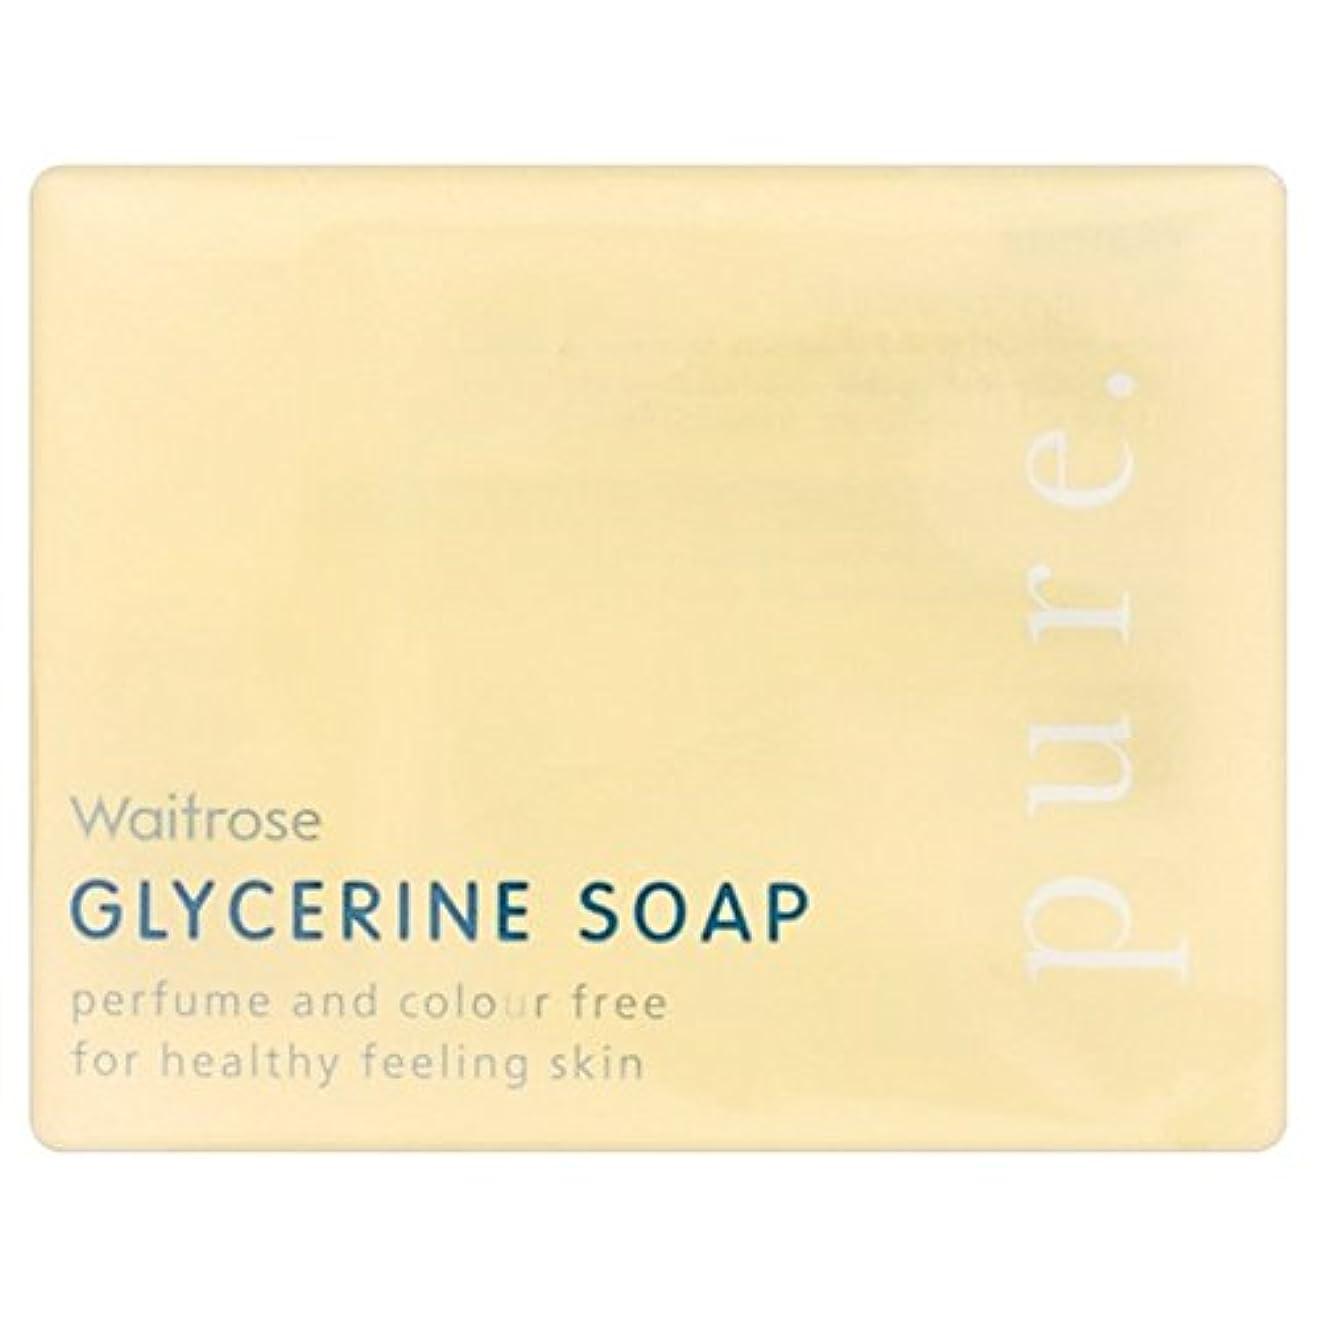 薄める変化する予備Pure Glycerine Soap Waitrose 100g (Pack of 6) - 純粋なグリセリンソープウェイトローズの100グラム x6 [並行輸入品]